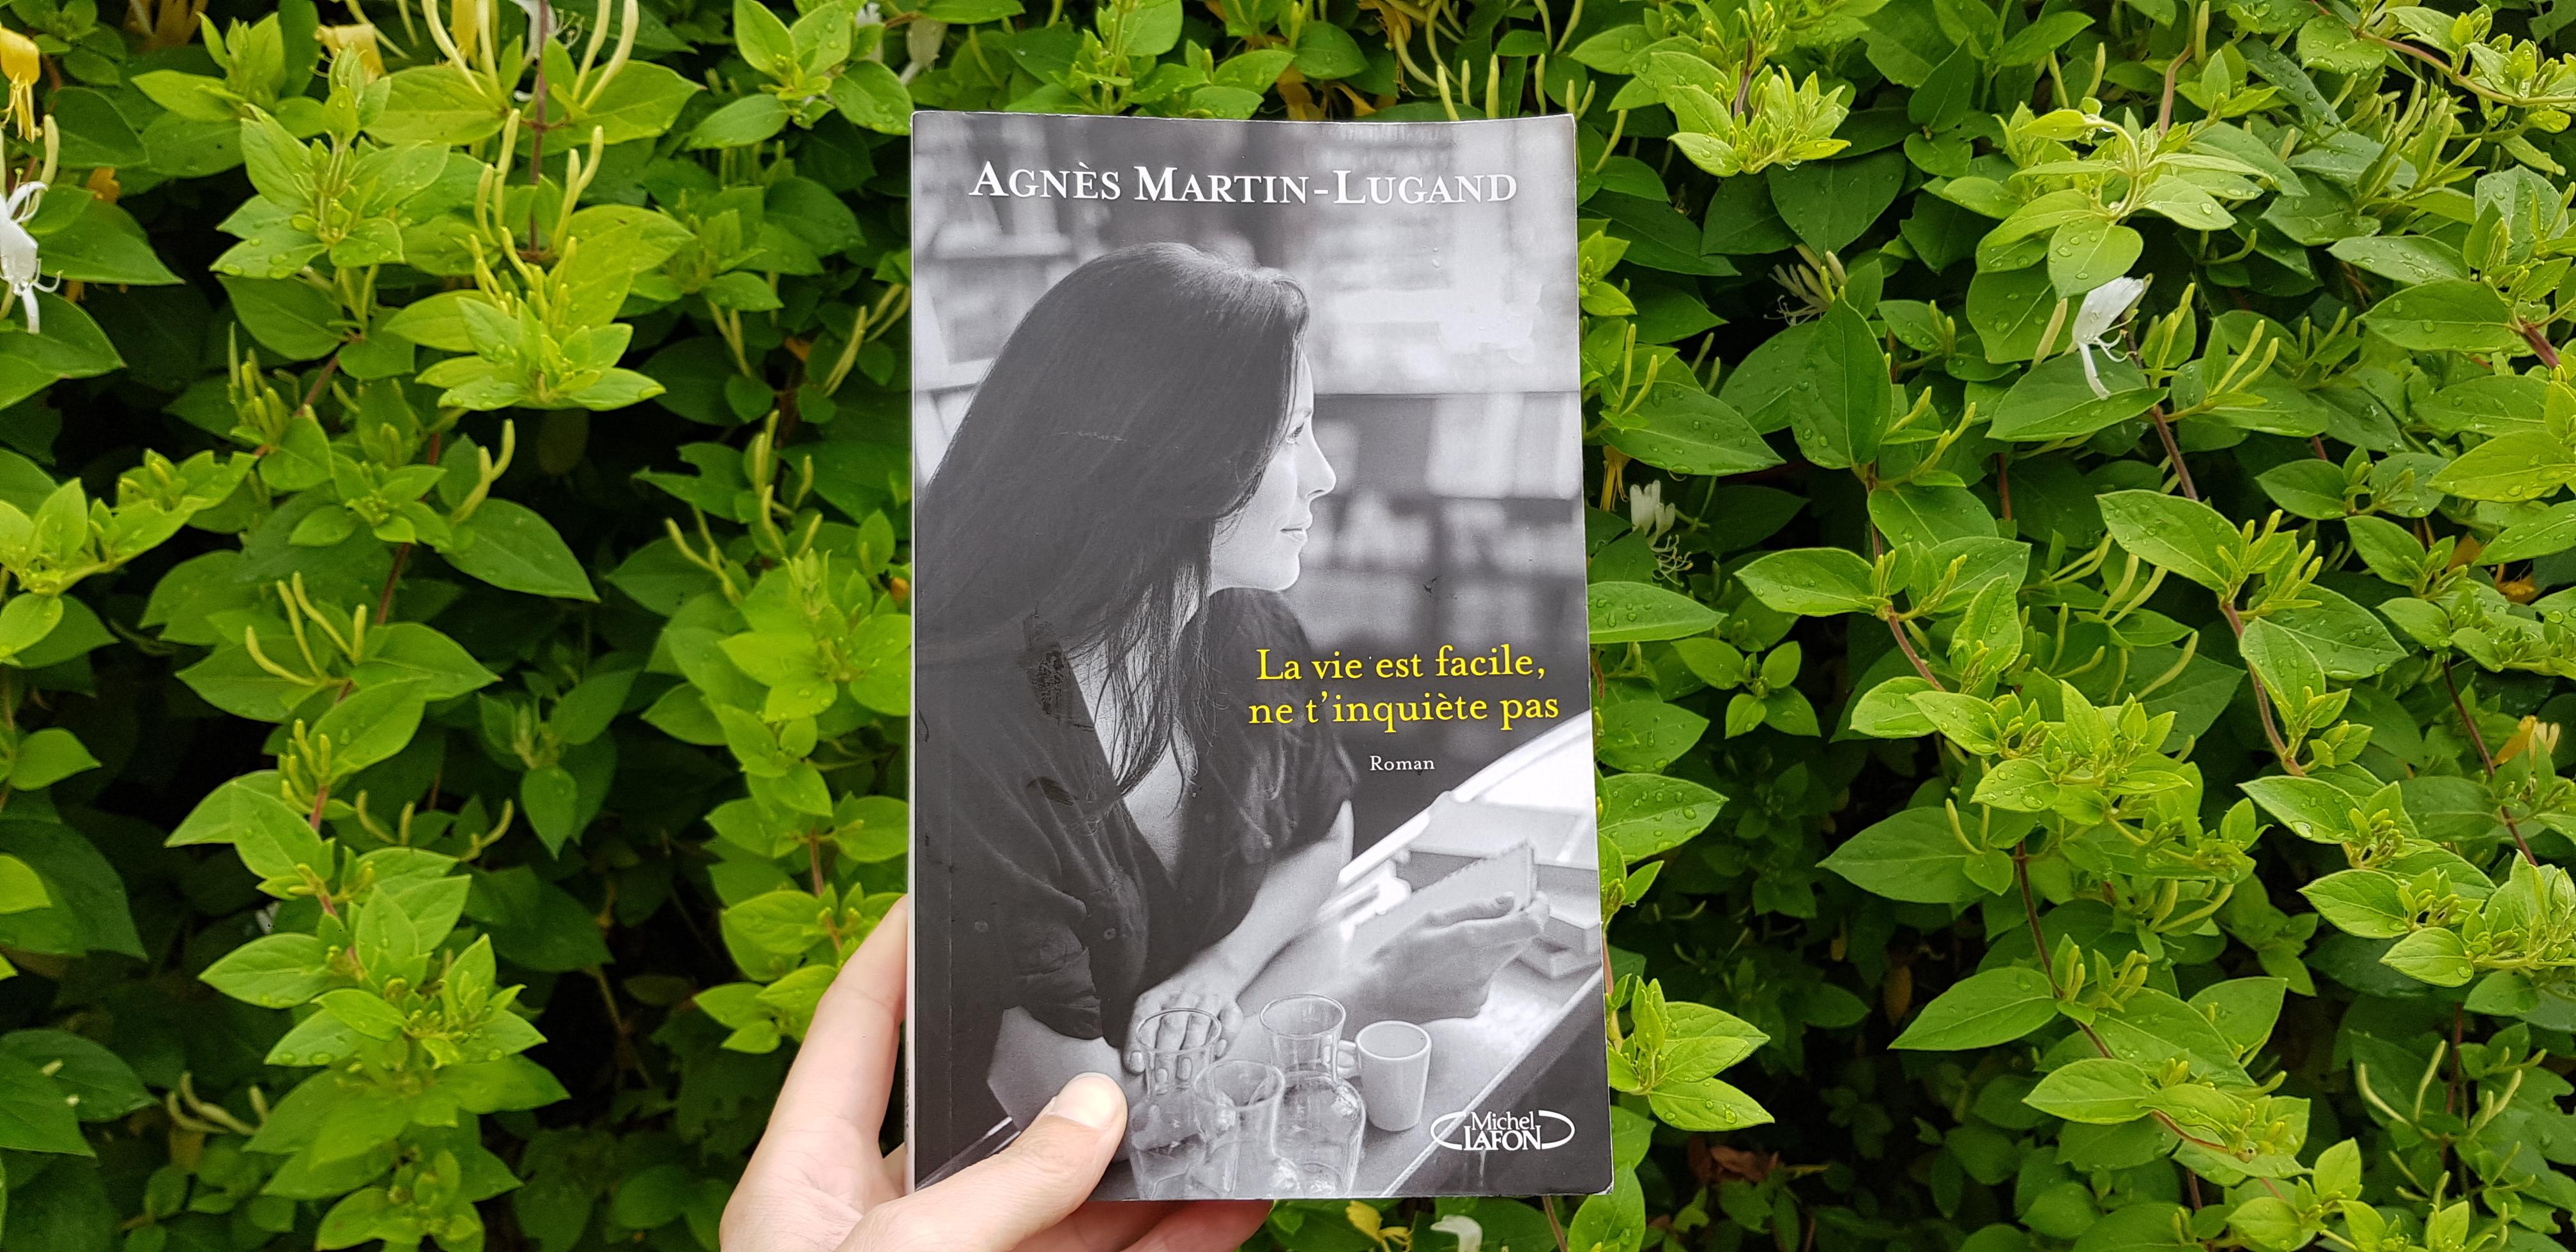 La vie est facile, ne t'inquiète pas d'Agnès Martin-Lugand